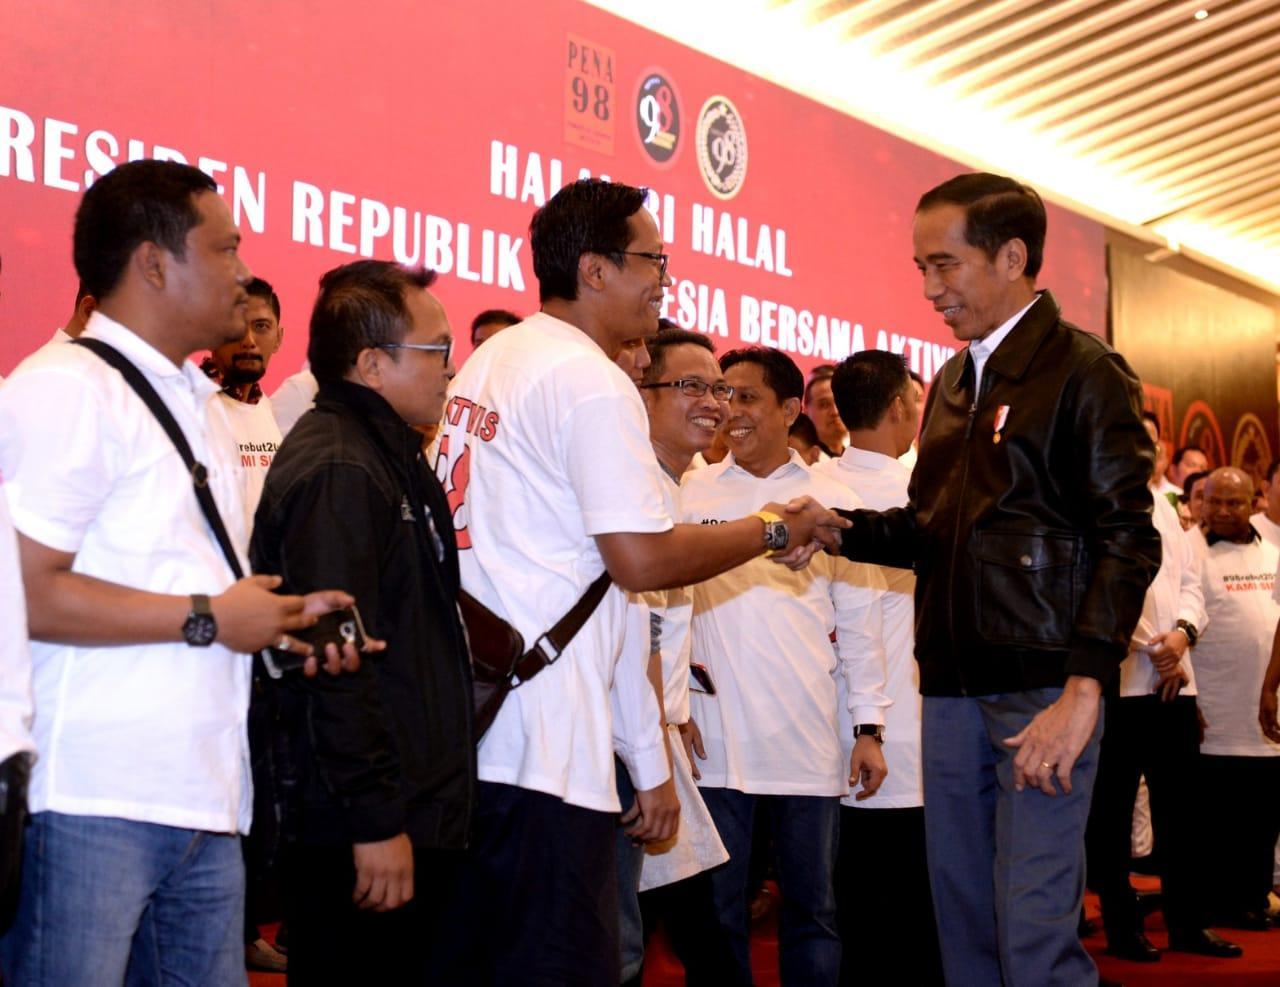 Bertemu Aktivis 98, Presiden Jokowi: Membangun Negara Butuh Kebersamaan